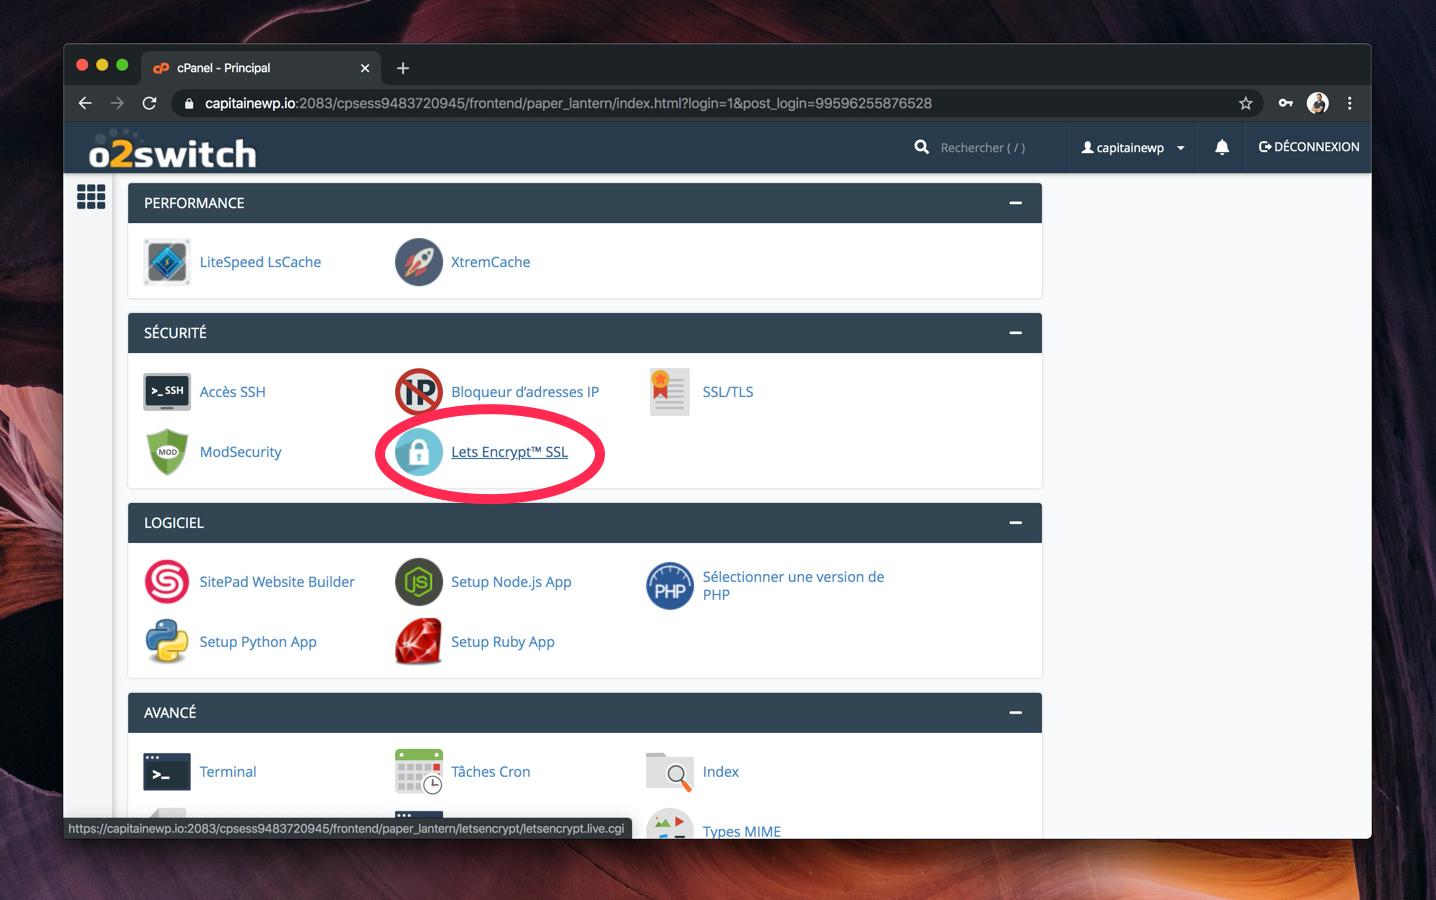 L'interface de cPanel avec l'icône de Let's Encrypt